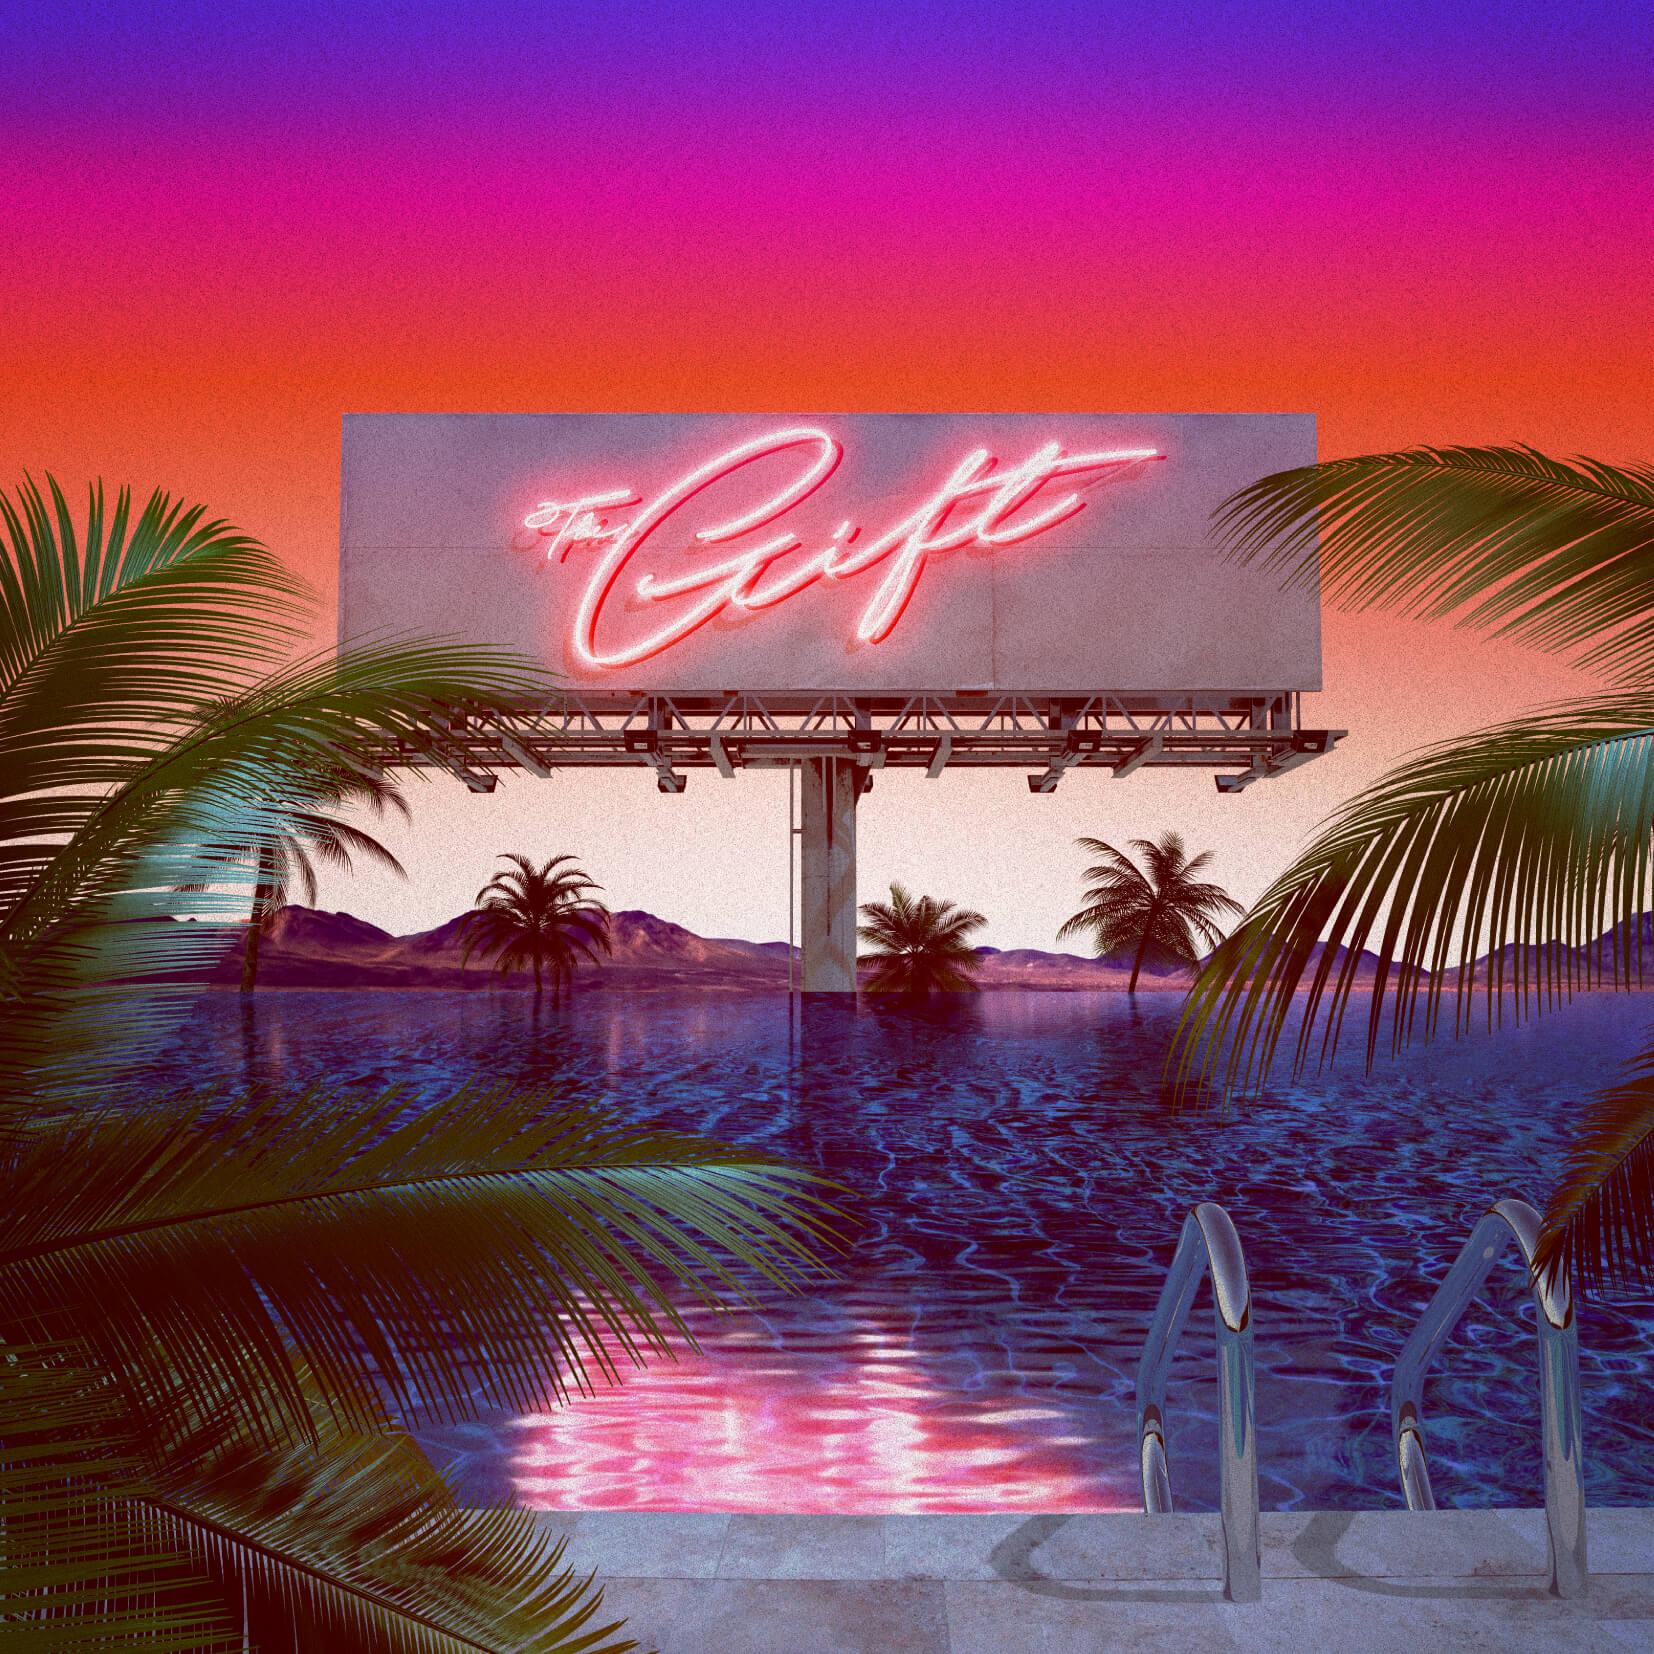 平井大、NEW ALBUM『THE GIFT』より「Beautiful Journey」のティザー映像を公開